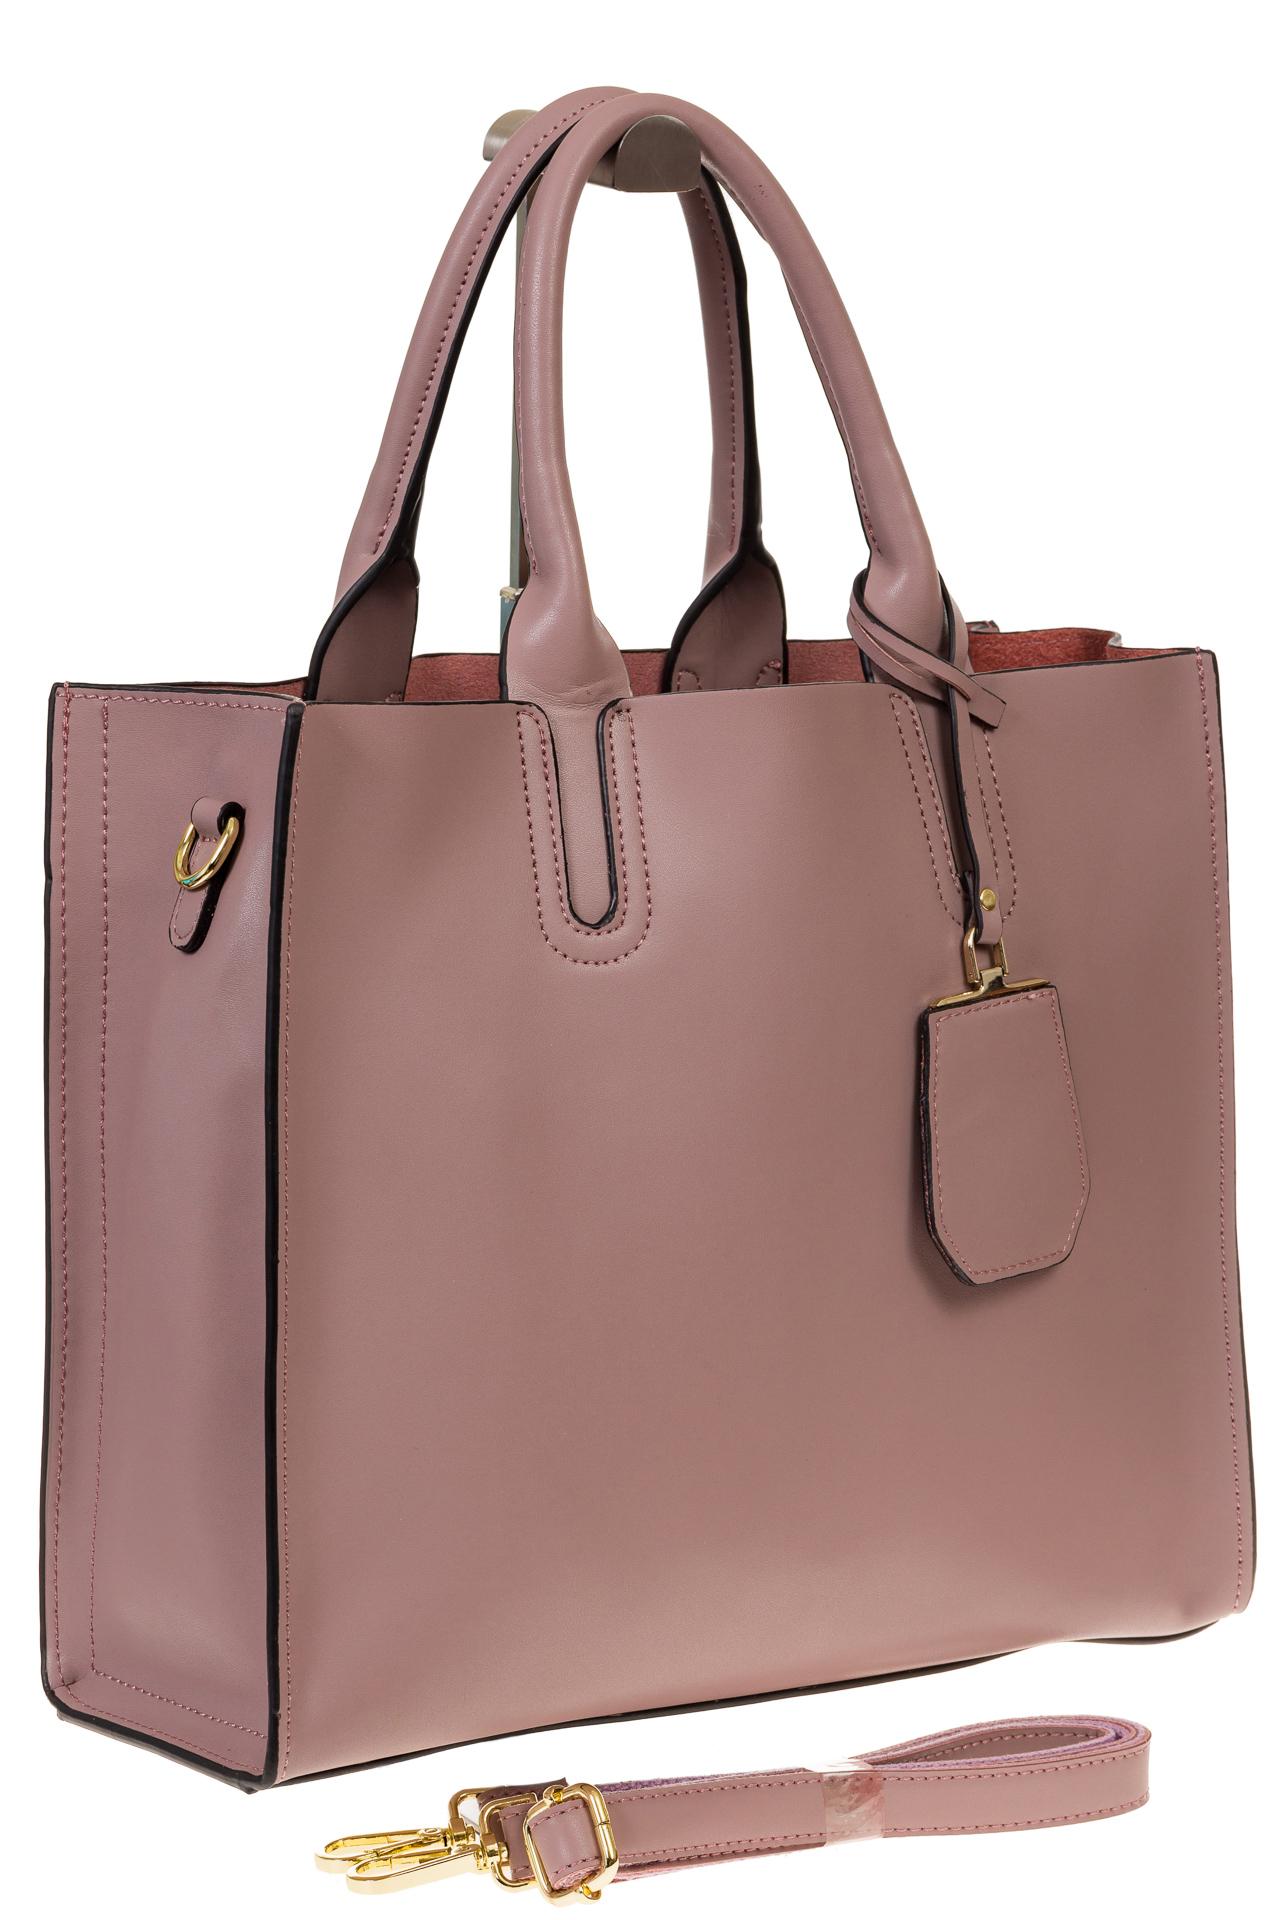 4883e074a9f7 Это – базовый набор сумок, который должен быть в арсенале каждой женщины.  Независимо от того, какова цель ее выхода в свет, из этого набора удастся  ...